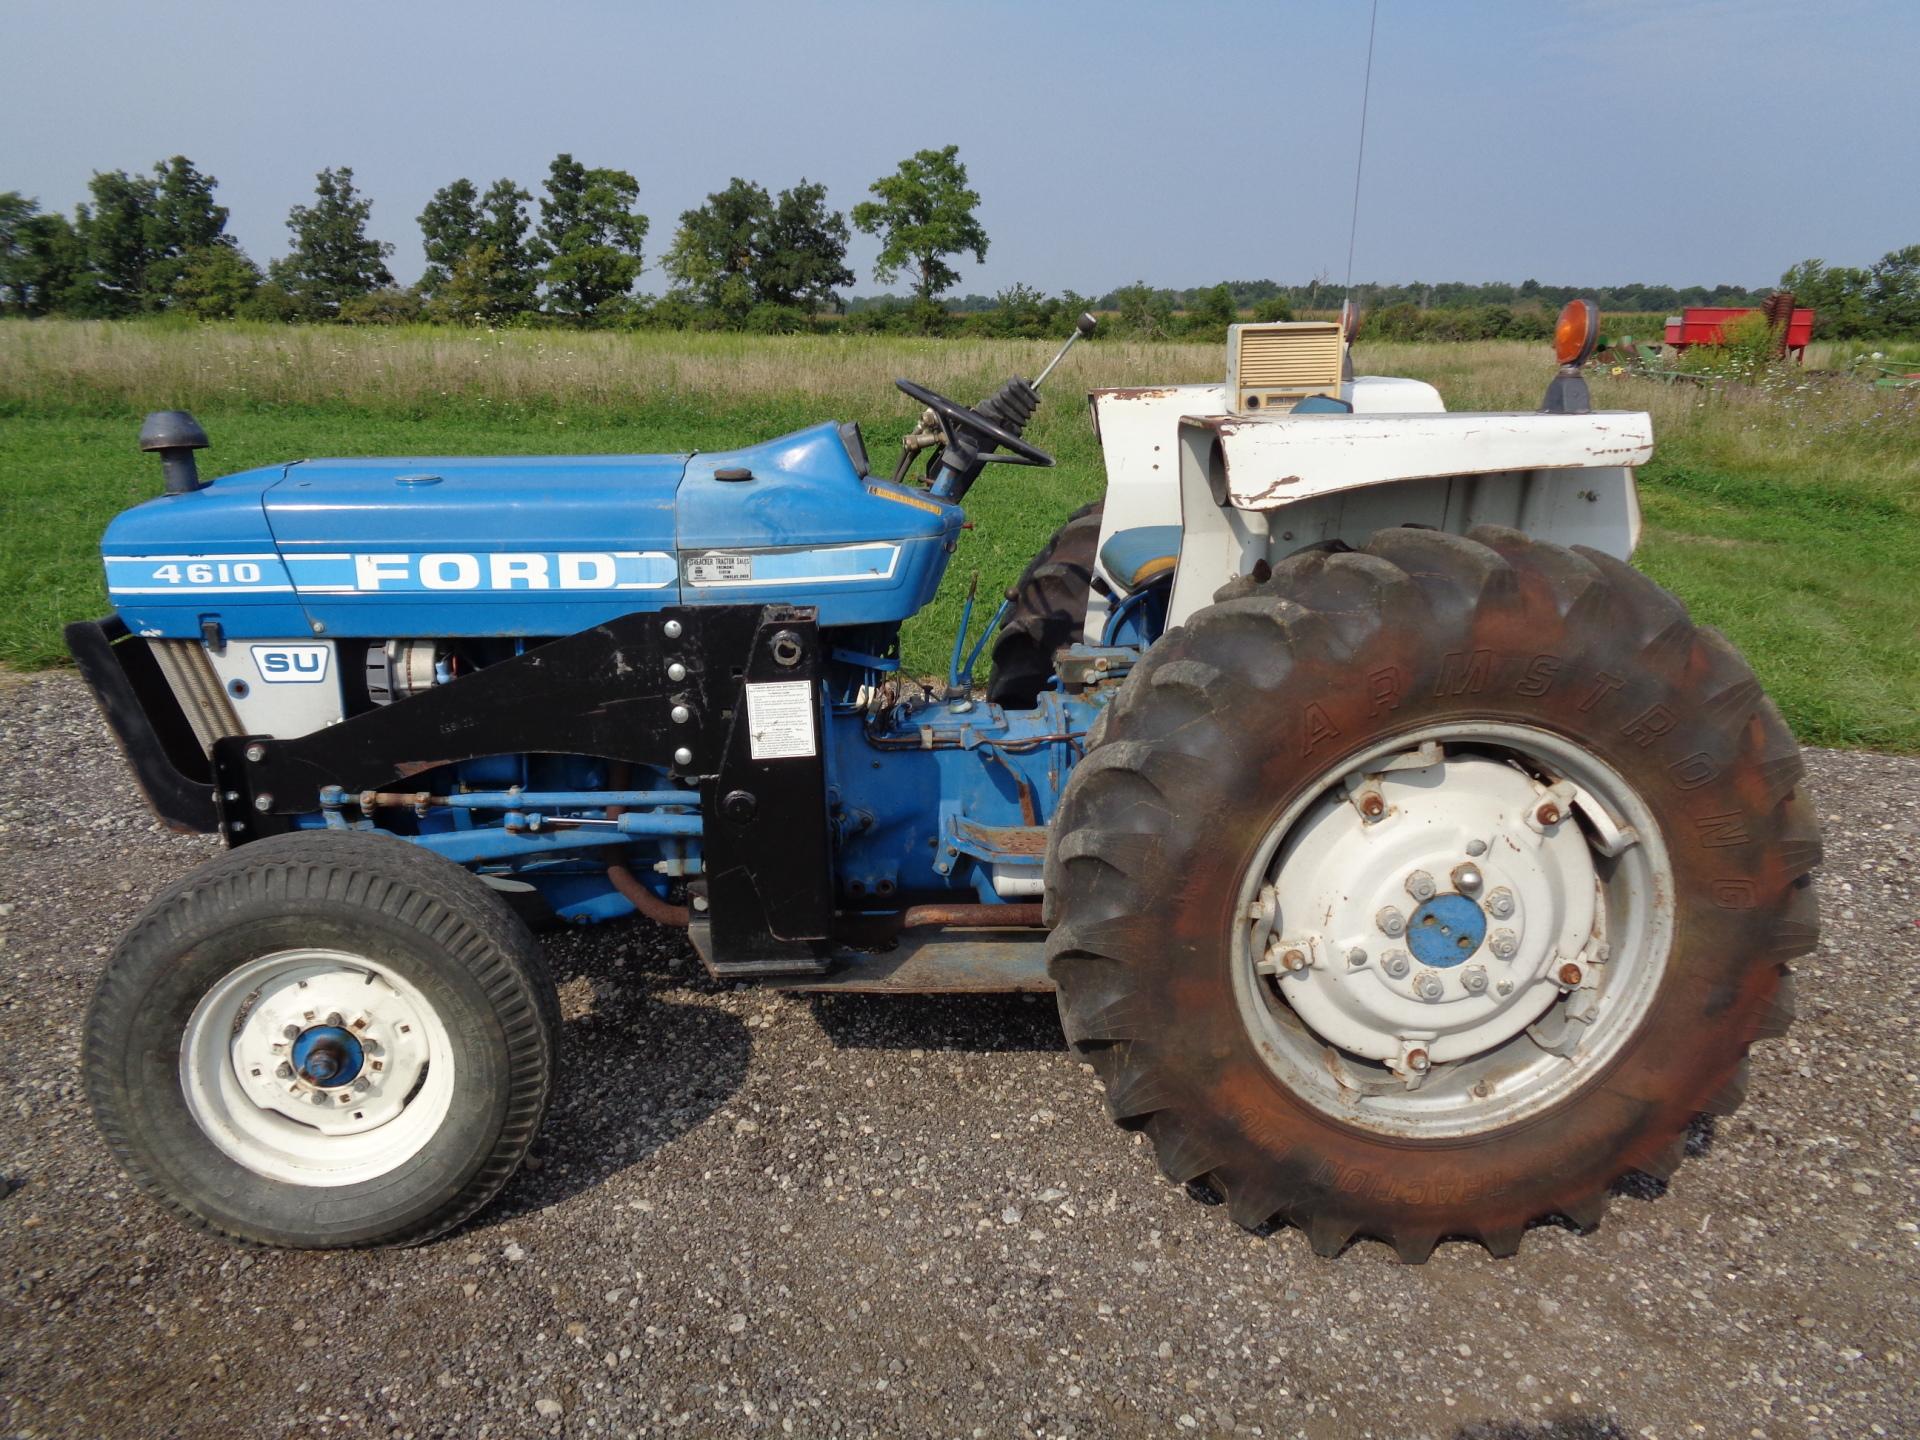 Ford 4610SU     $8,500